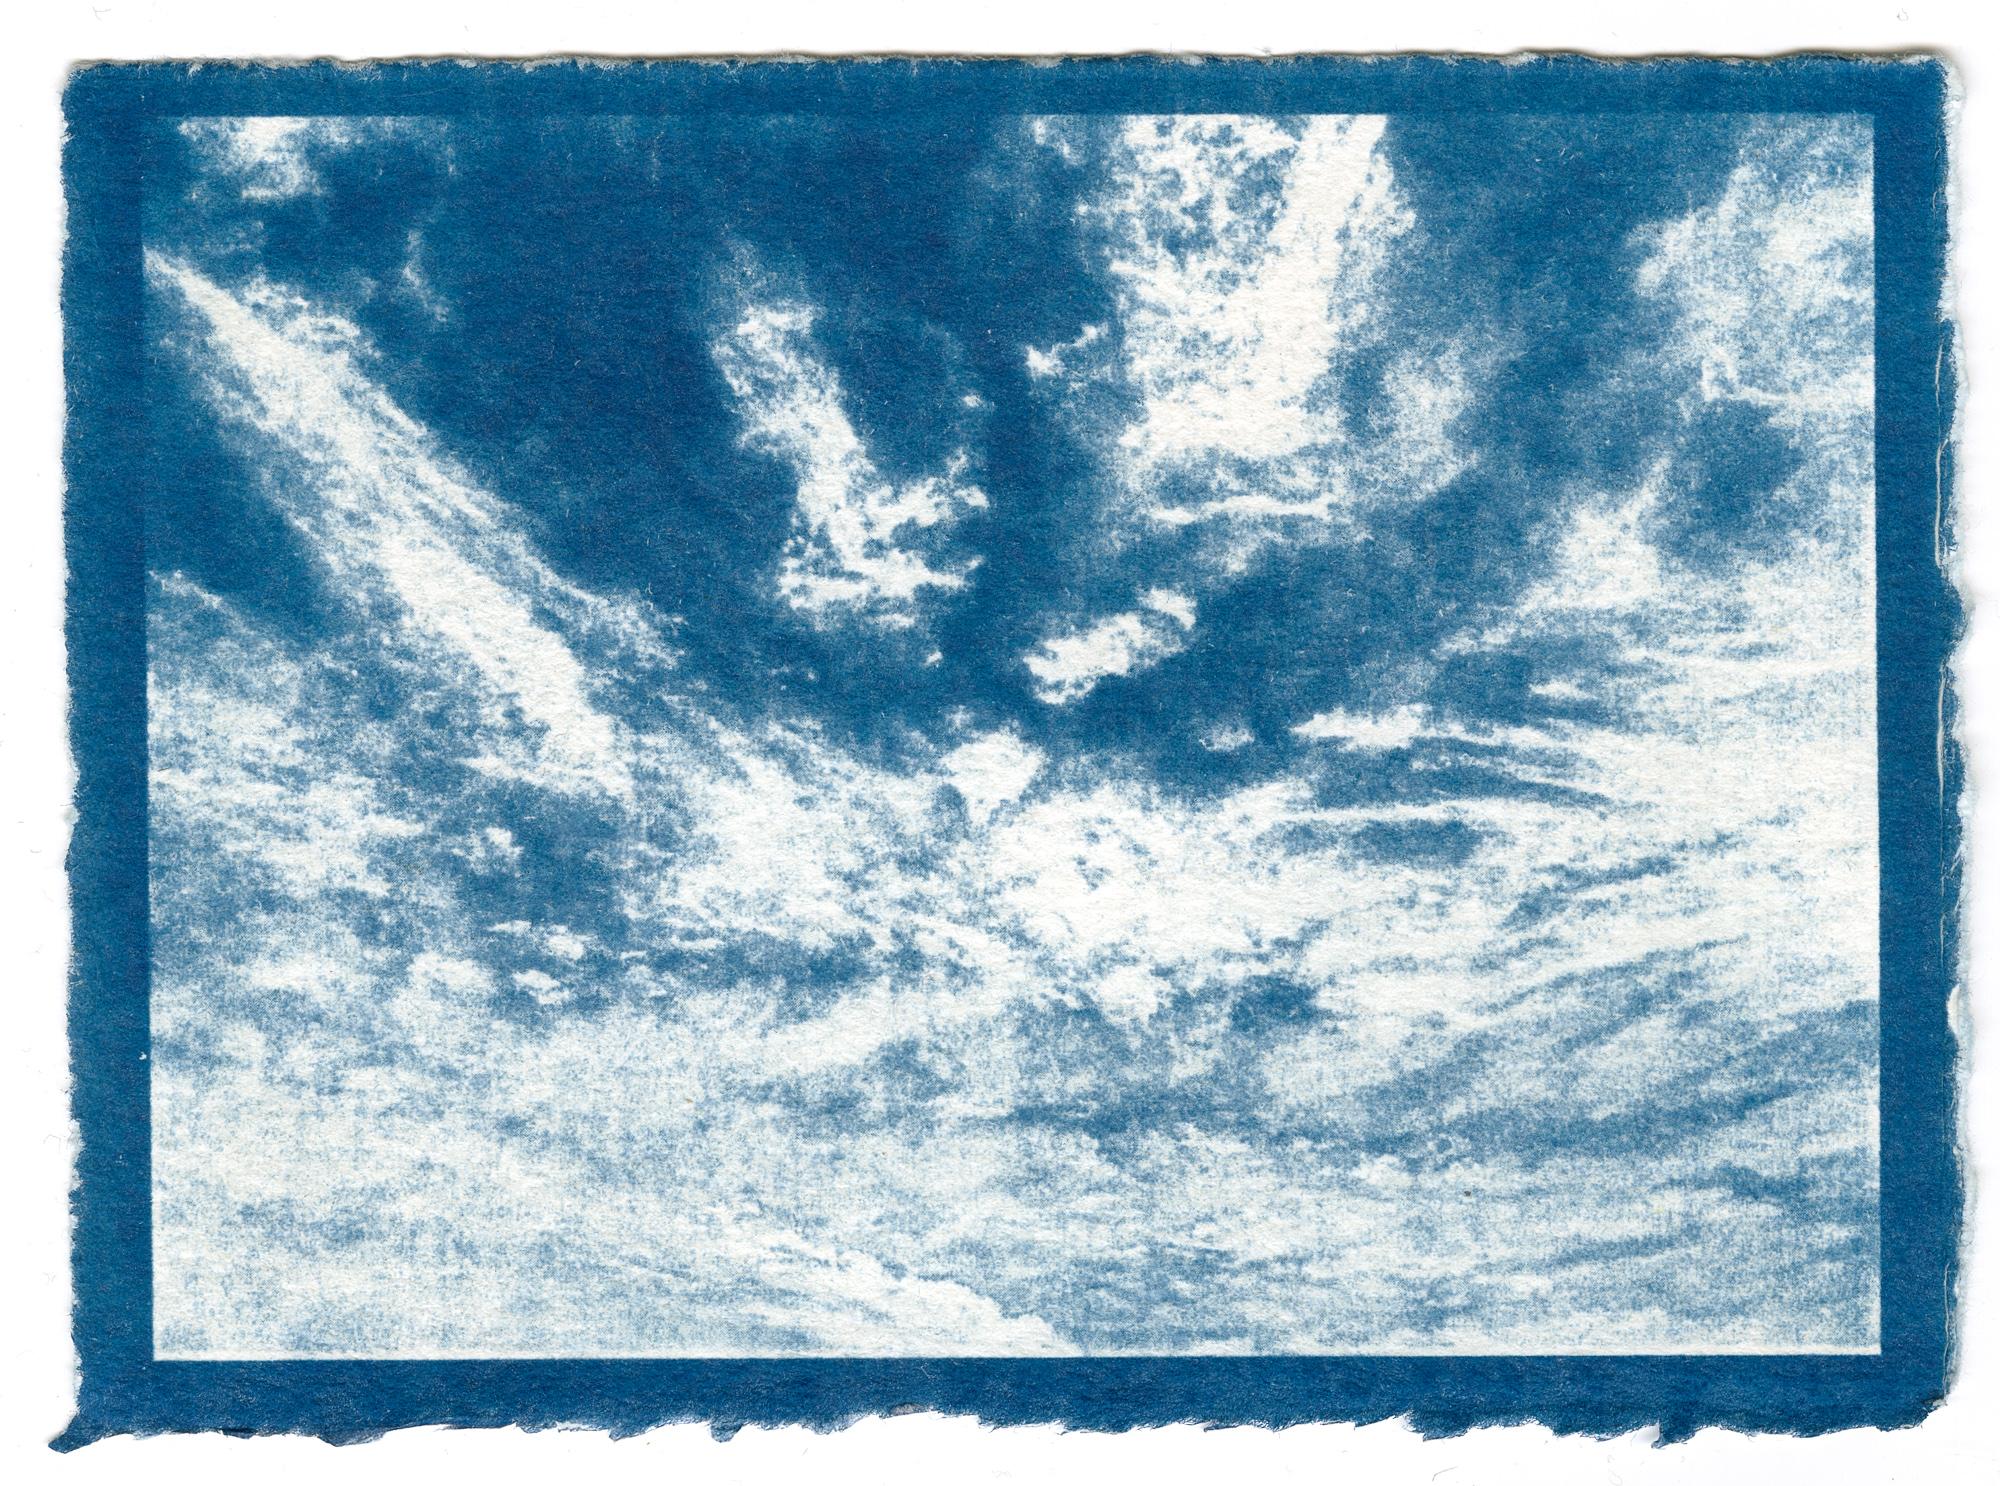 Sky 1 (20).jpg